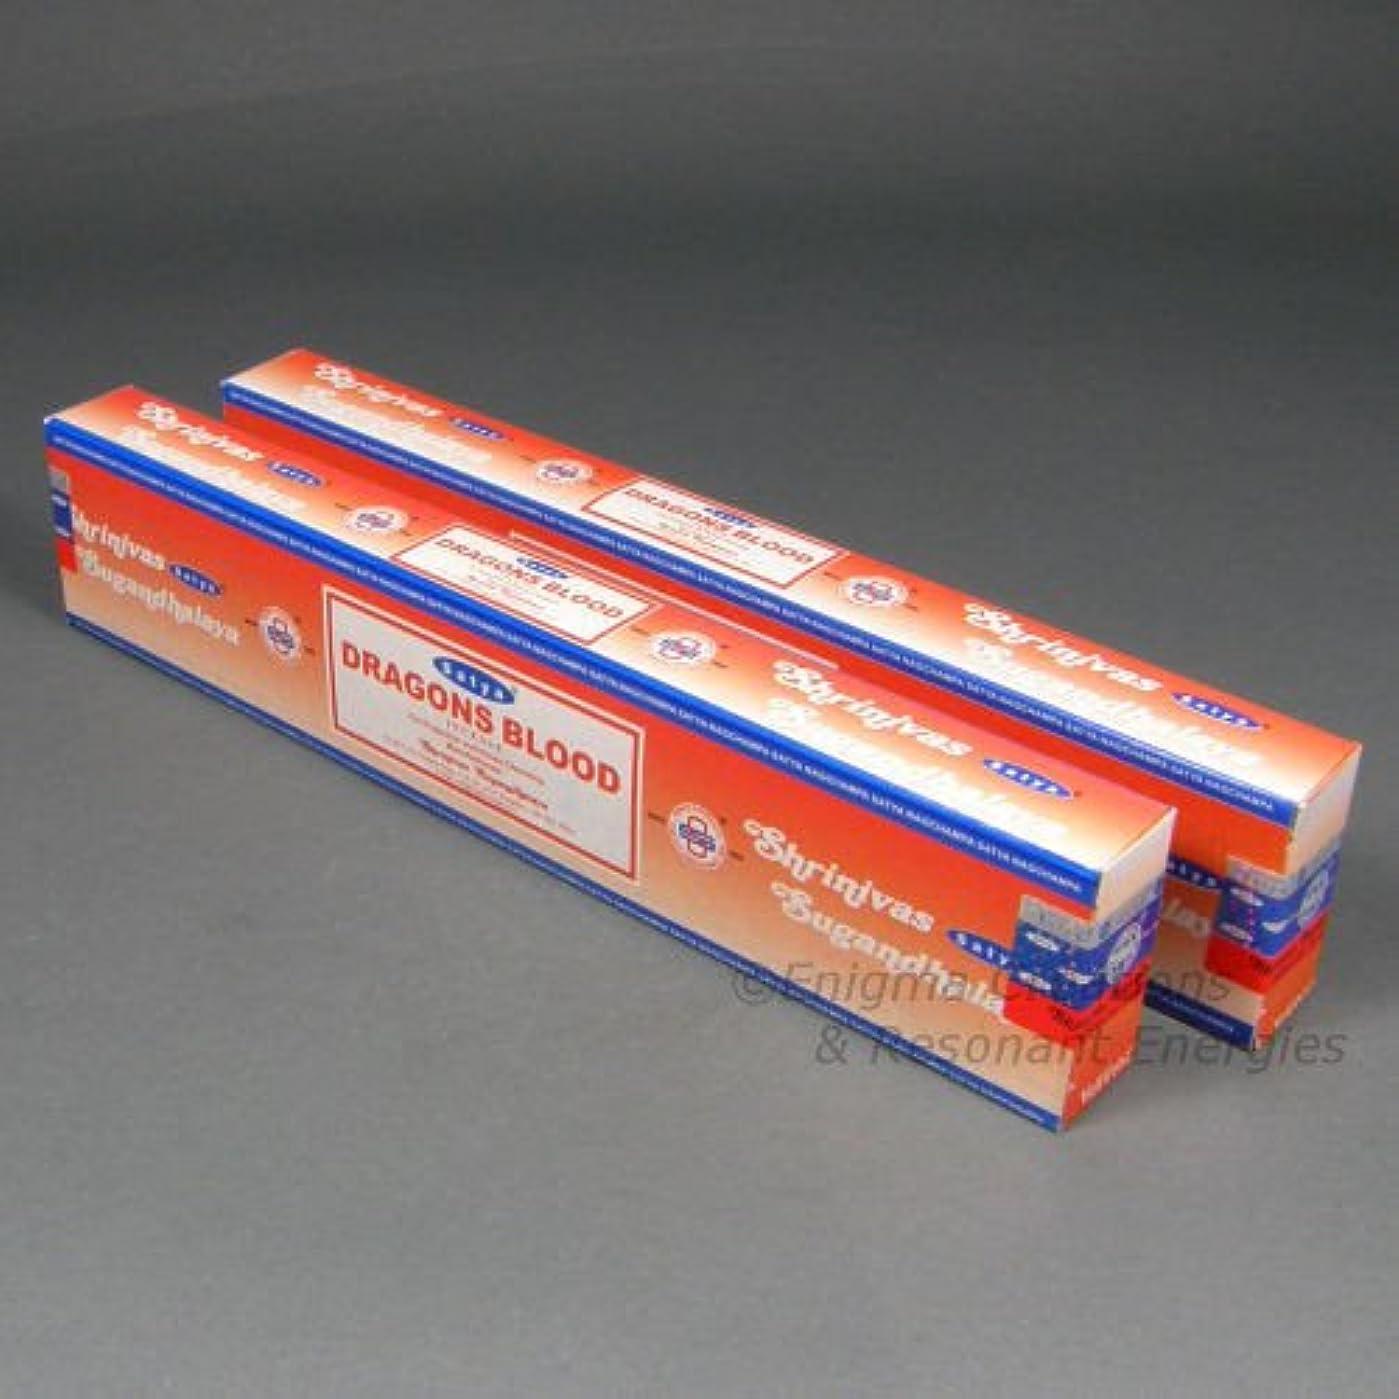 紛争ギャンブルスクラッチSatya Dragon 's Blood Incense Sticks, 2 x 15グラムボックス、合計30グラム – (in239 )